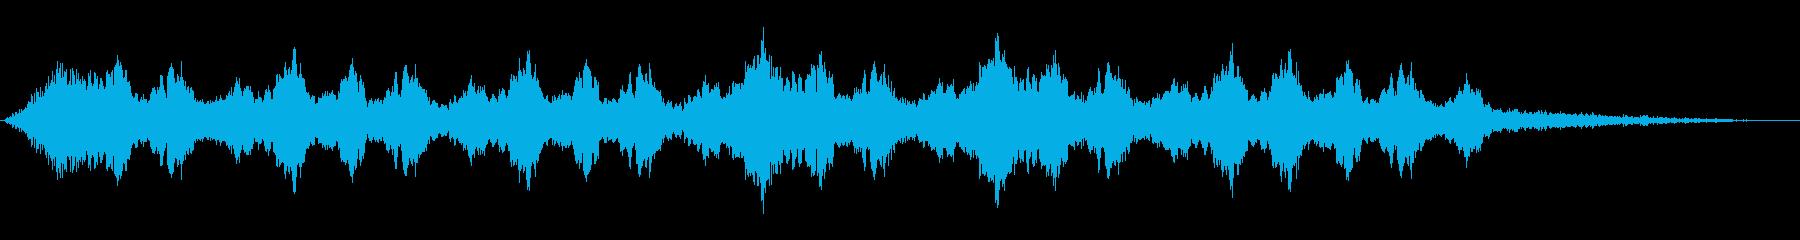 宇宙からの来訪者の再生済みの波形